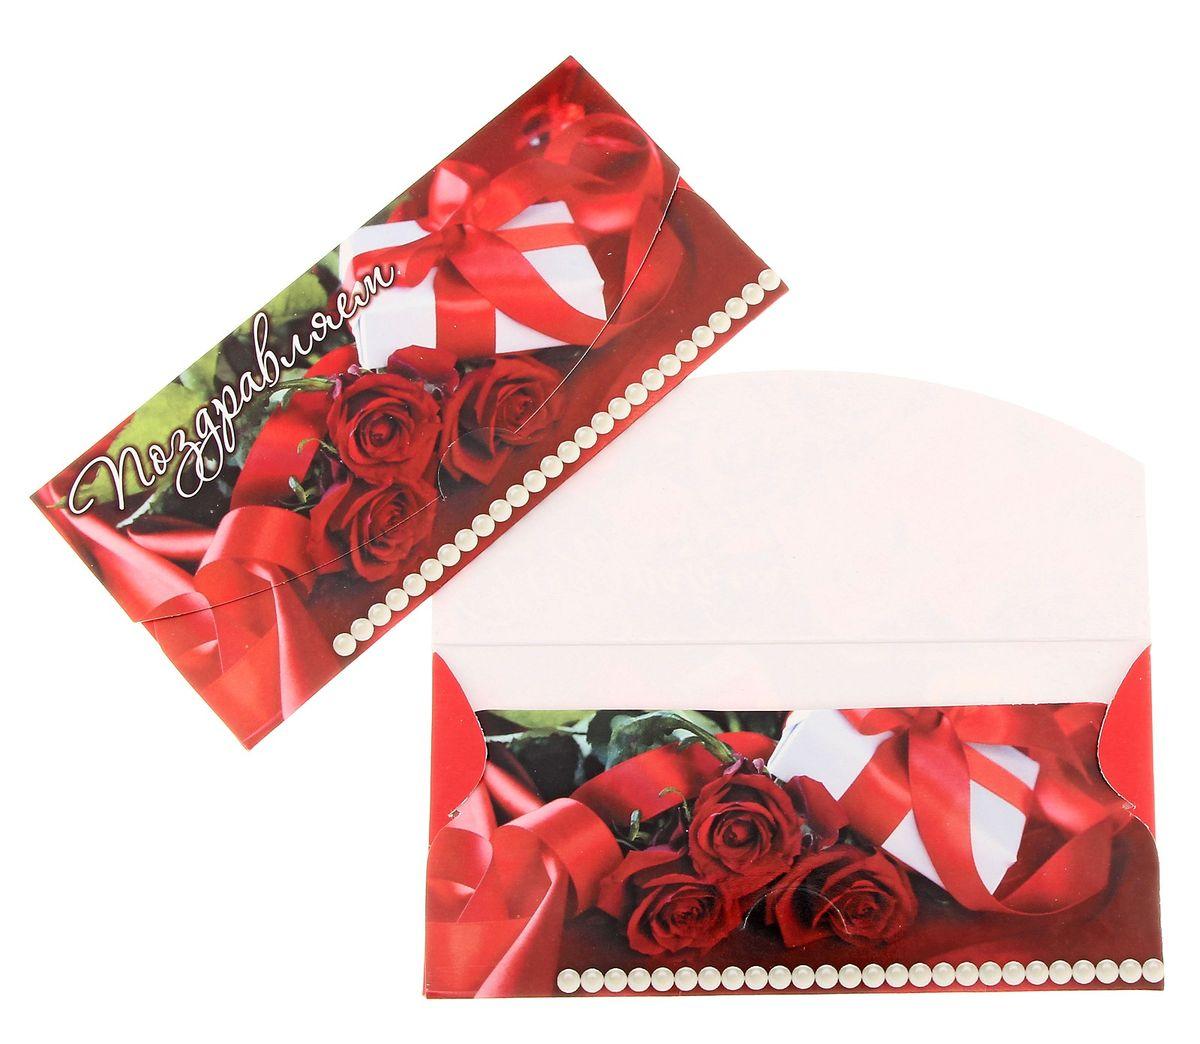 Конверт для денег Гелий Поздравляем! Розы. 332577NLED-454-9W-BKКонверт для денег Гелий Поздравляем! Розы выполнен из плотного картона и украшен яркой картинкой, с изображением букета цветов и подарка. Это необычная красивая одежка для денежного подарка, а так же отличная возможность сделать его более праздничным и создать прекрасное настроение!